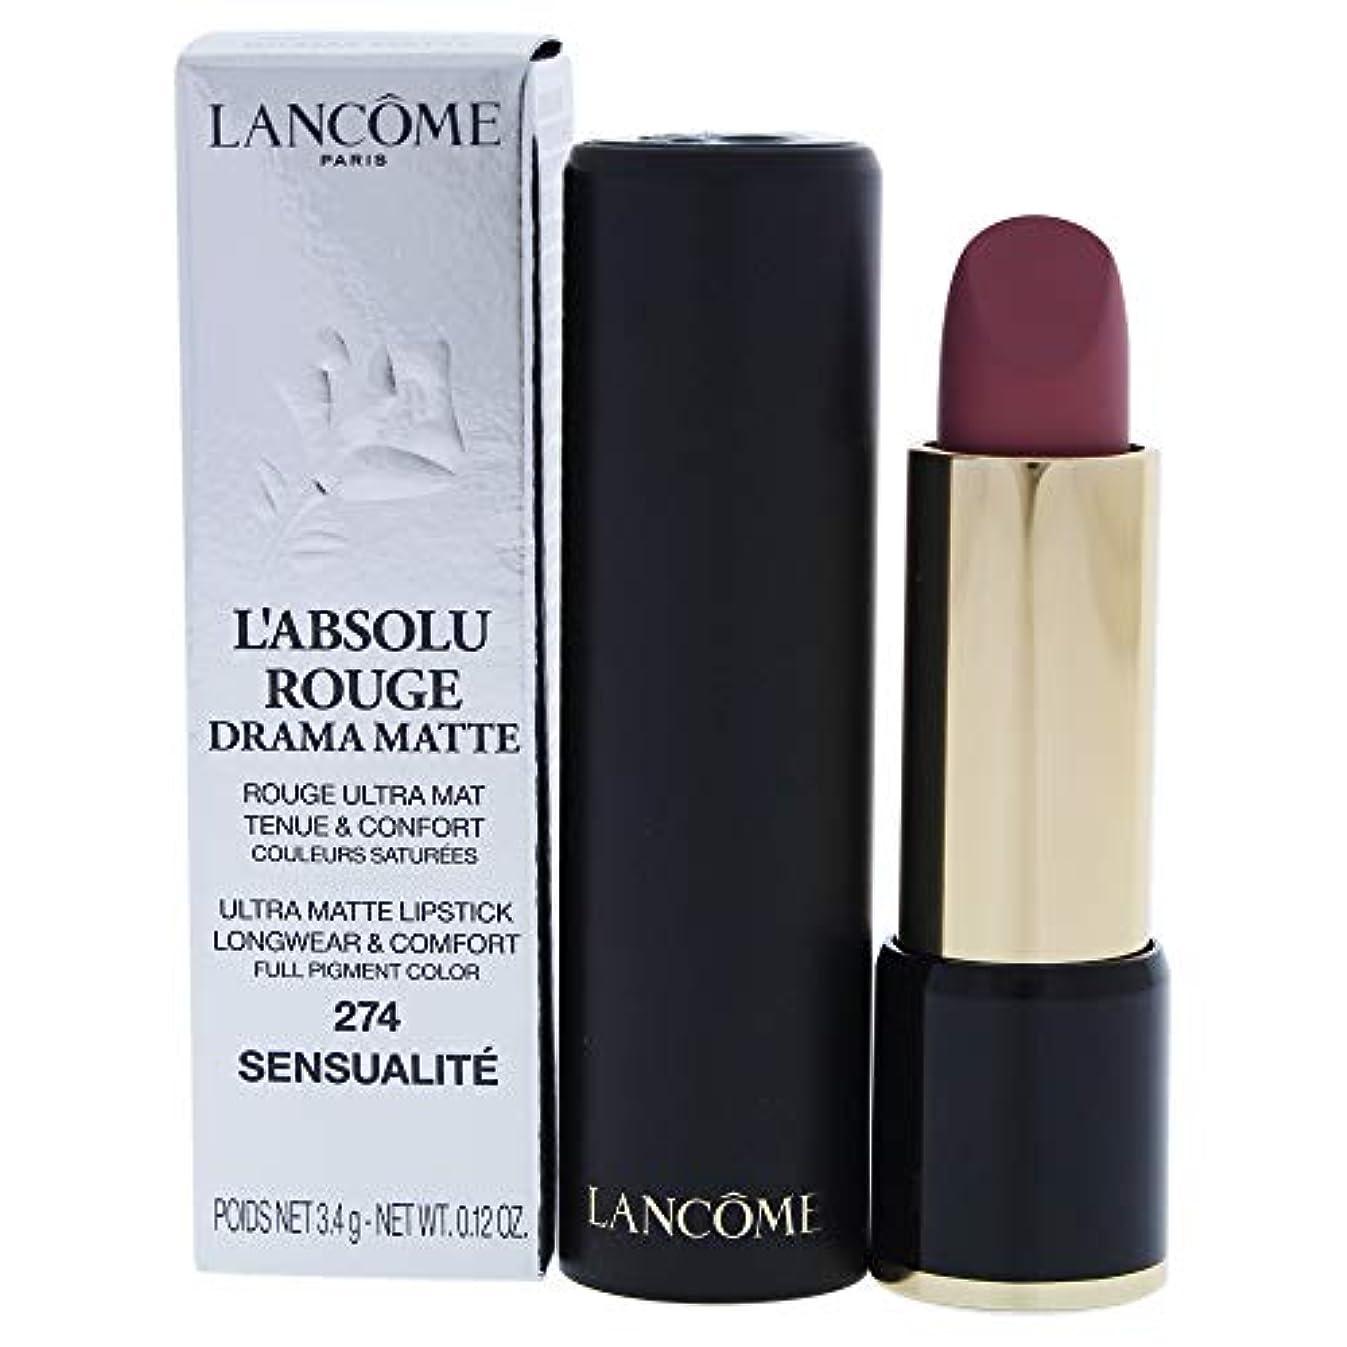 ランコム L'Absolu Rouge Drama Matte Lipstick - # 274 Sensualit?L8021200 3.4g/0.12oz並行輸入品